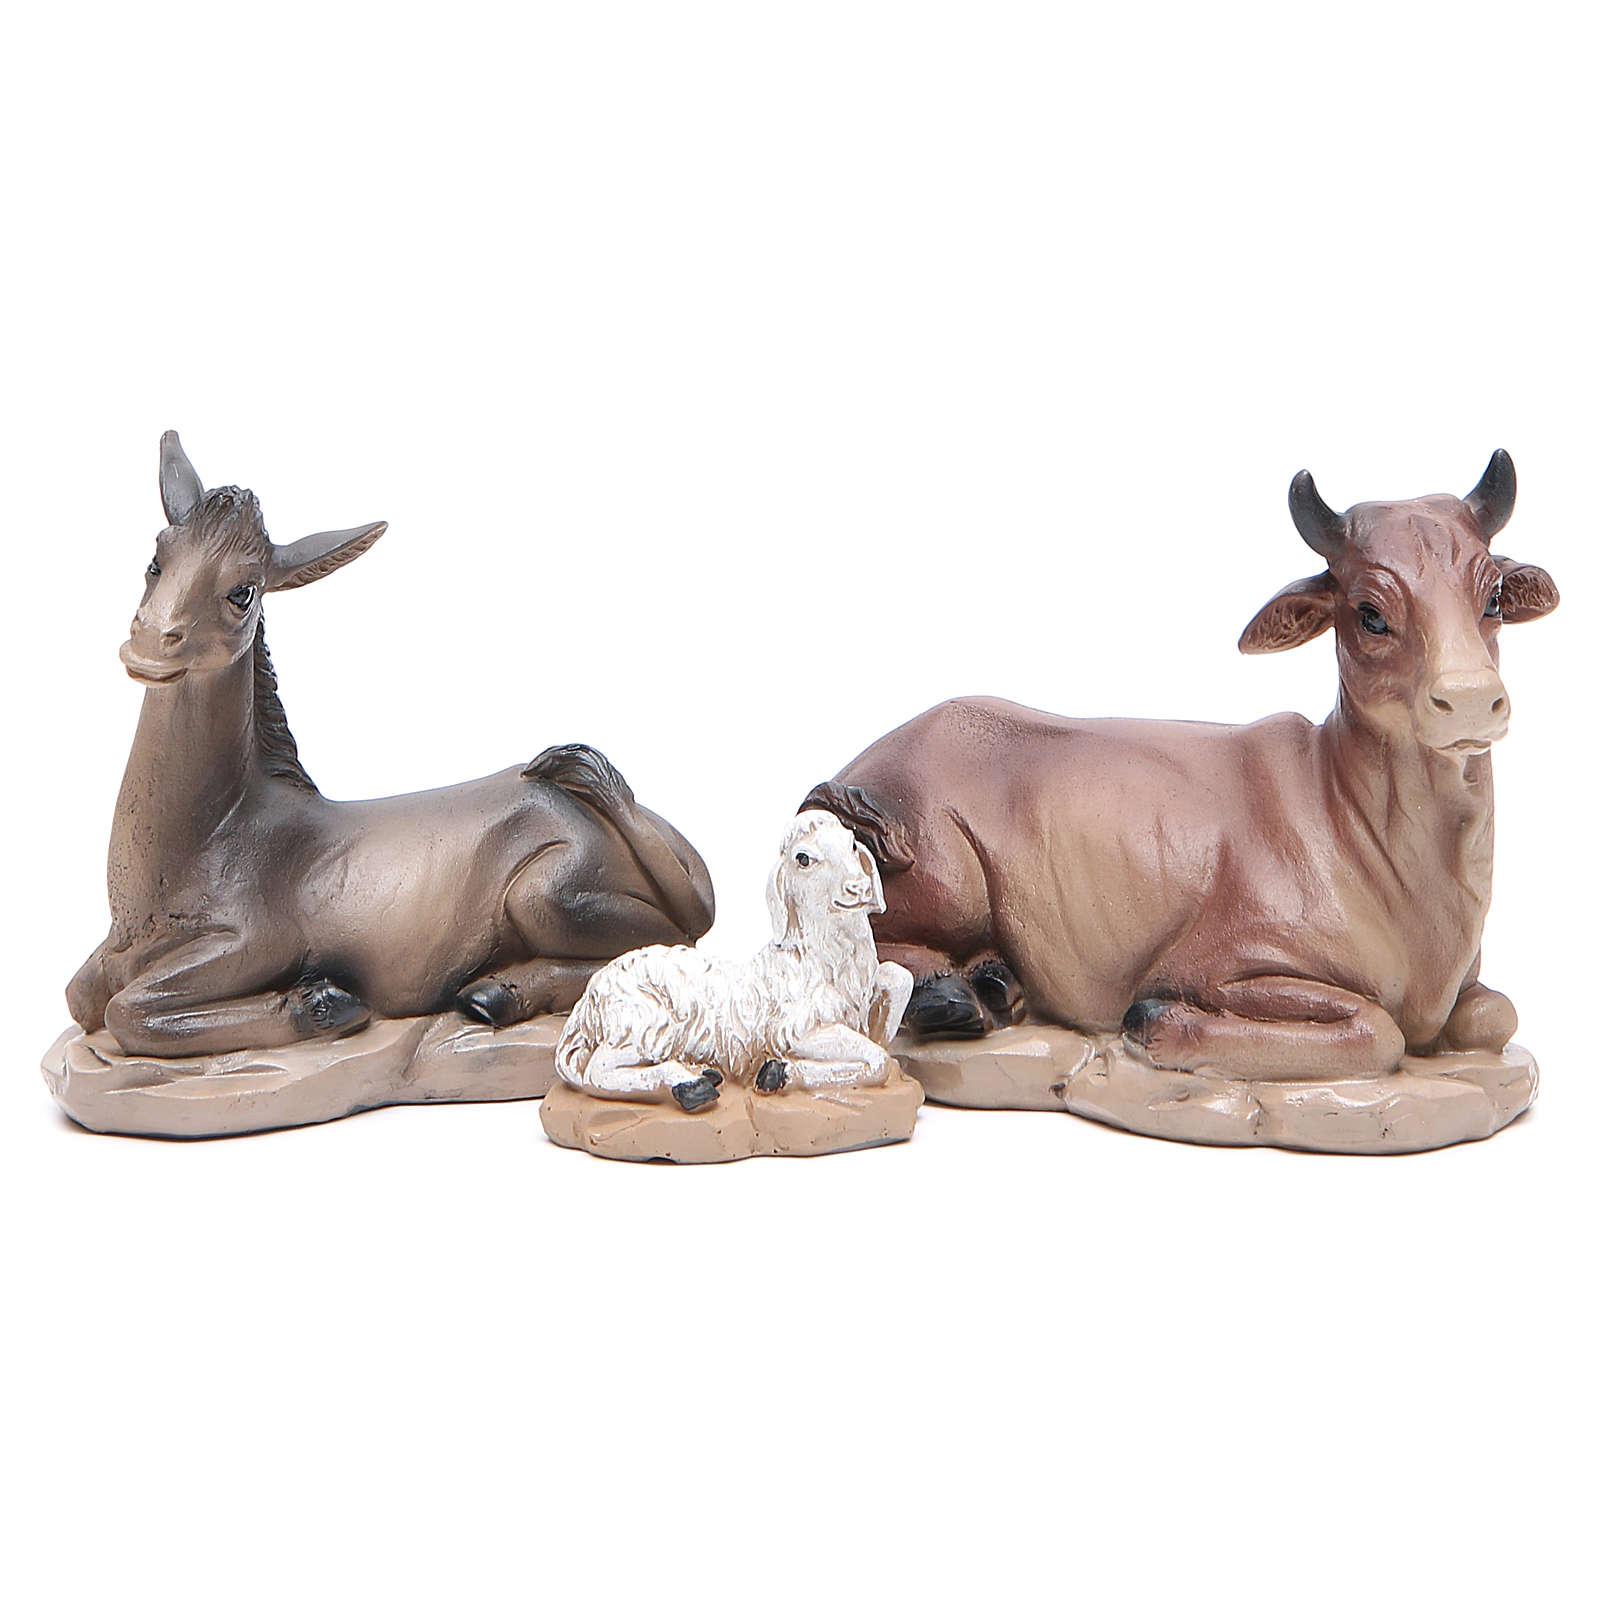 Presépio em resina efeito madeira com 11 figuras de 21 cm de altura média 4